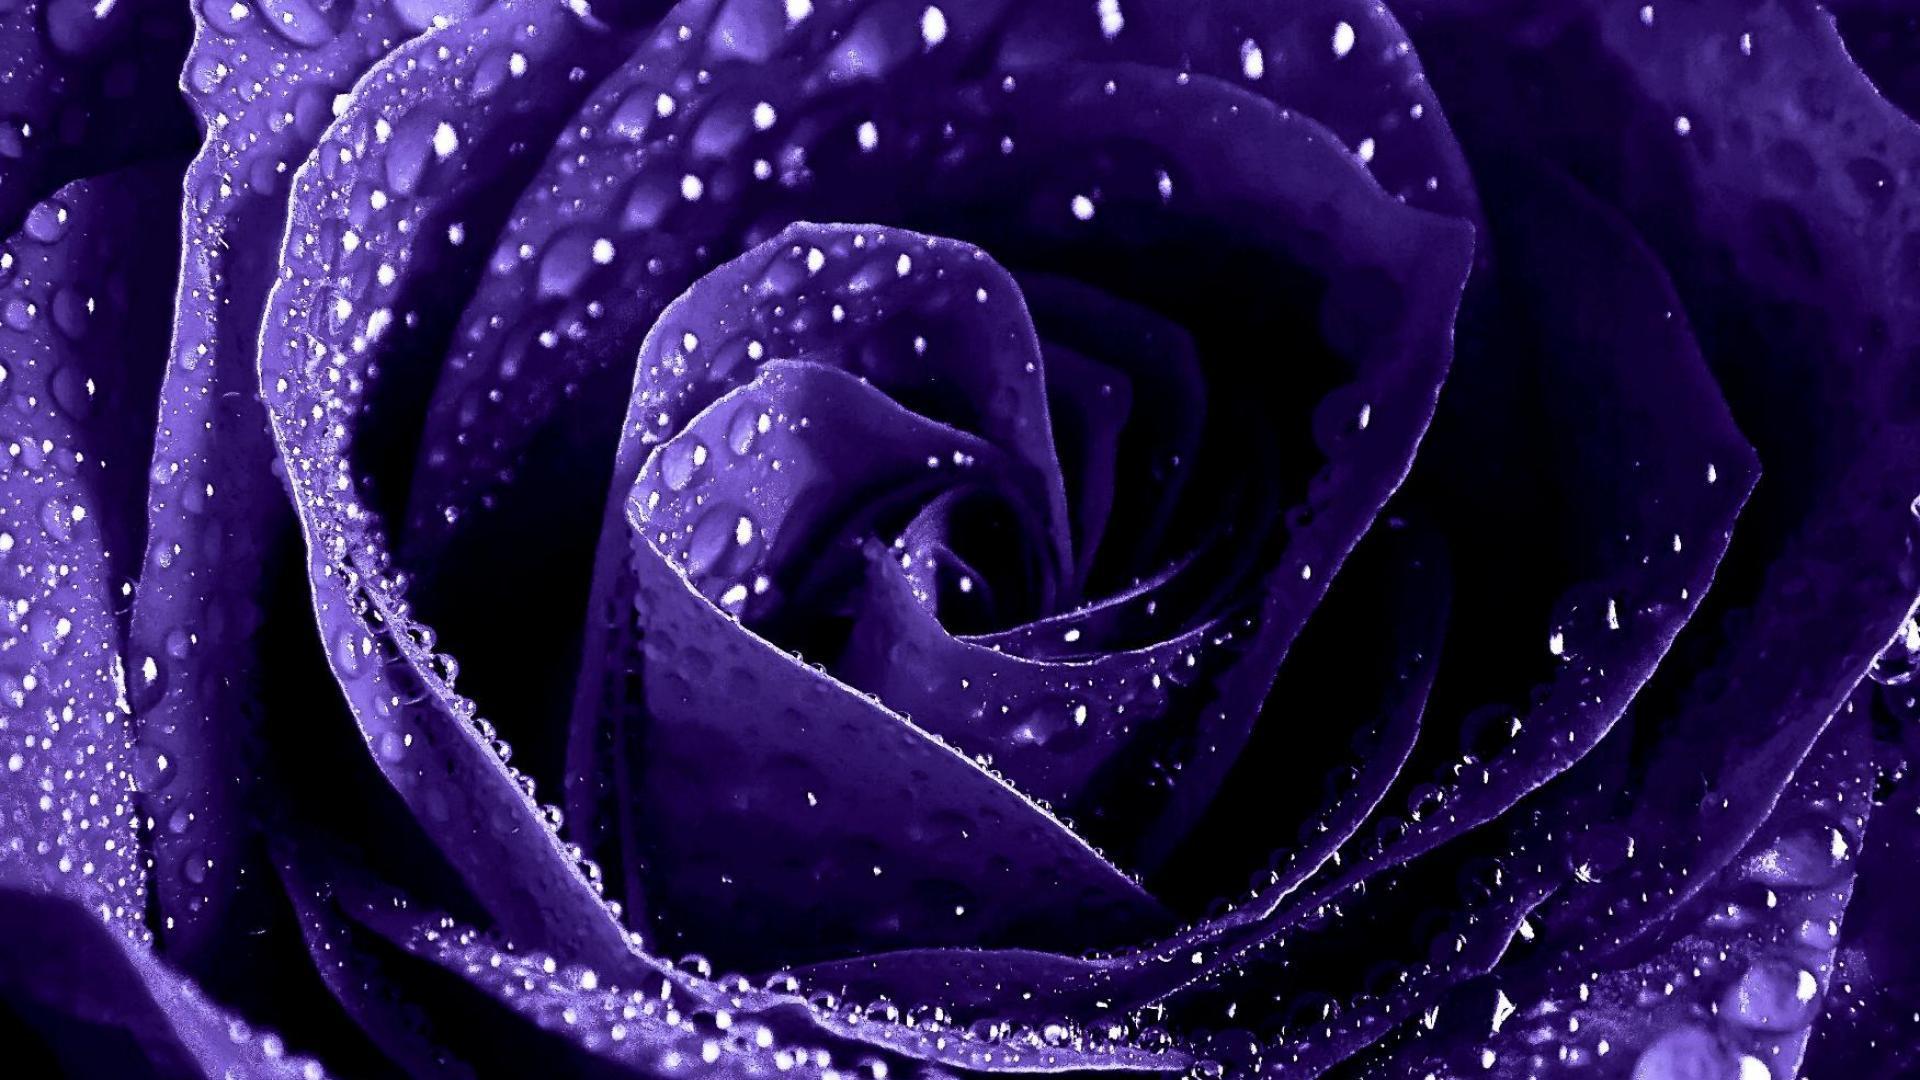 цветок фиолетовый  № 814251 загрузить